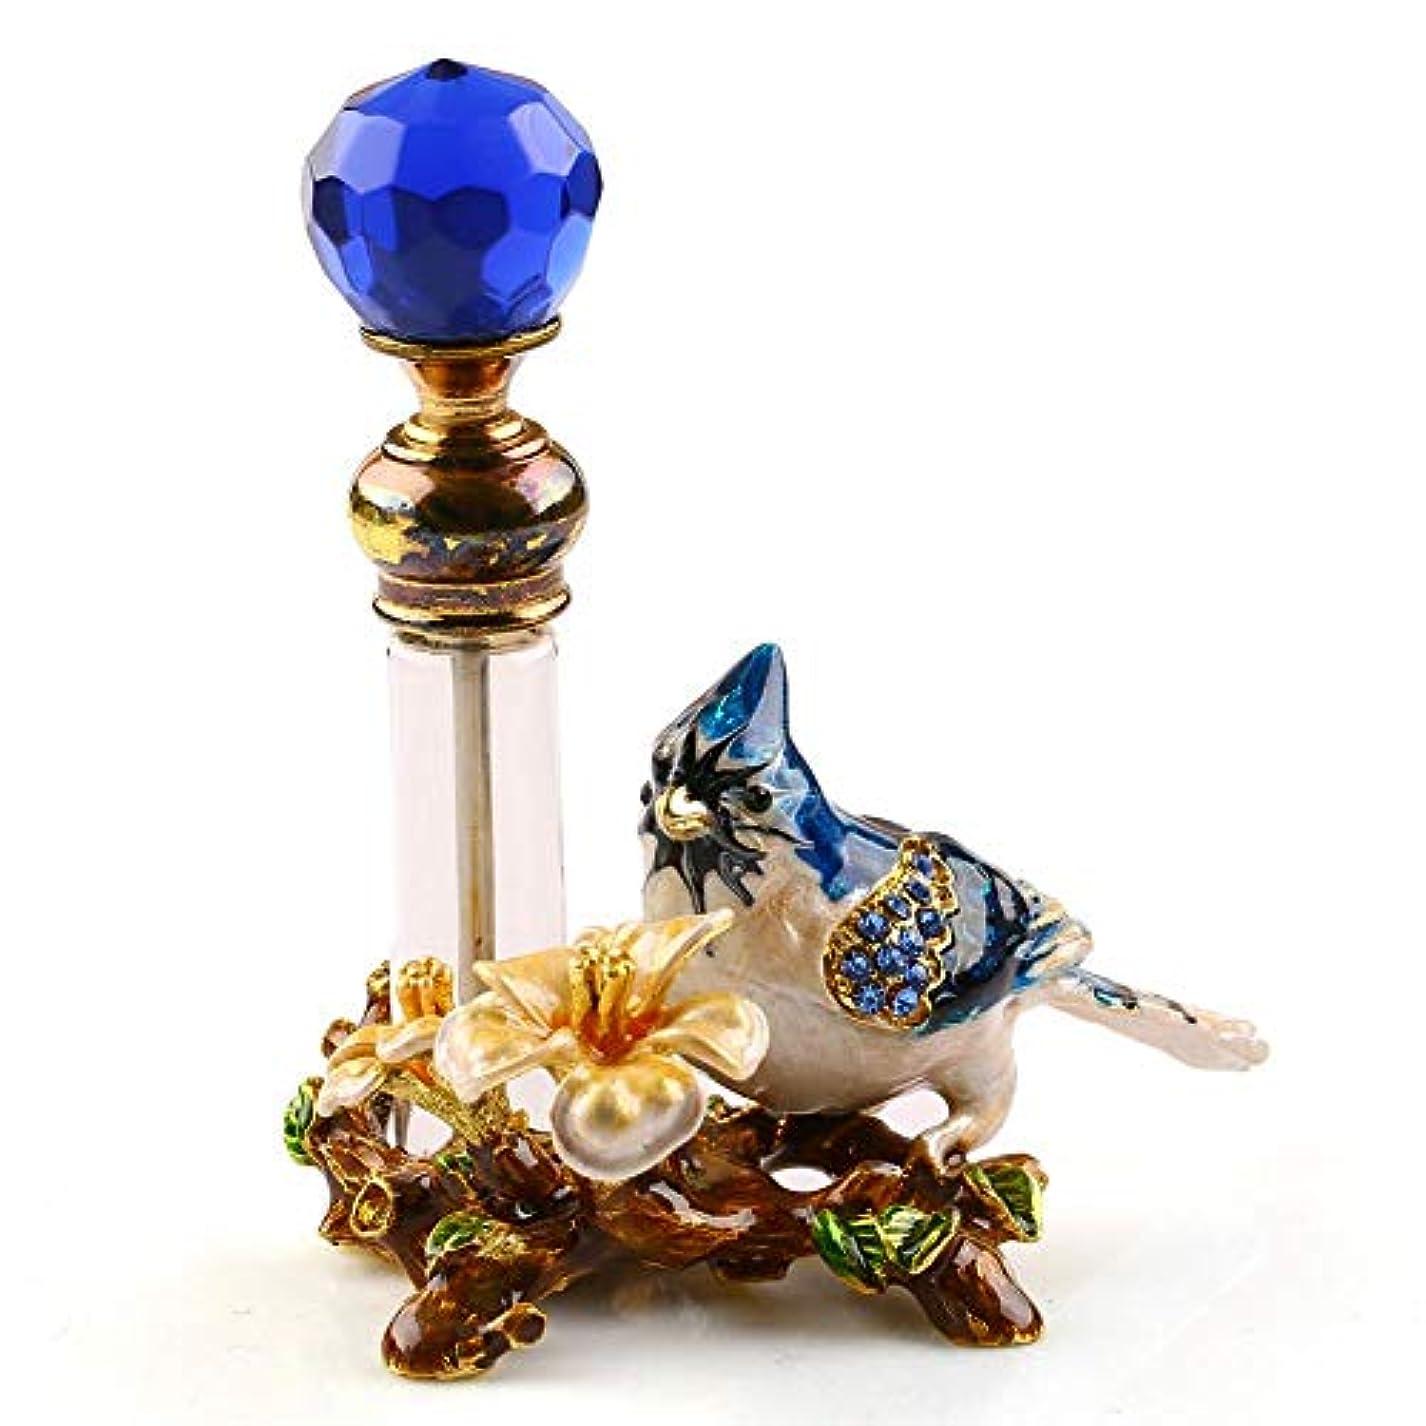 物思いにふける料理前方へVERY100 高品質 美しい香水瓶 4ML アロマボトル 綺麗アンティーク風 鳥と花 詰替用ボトル 空き プレゼント 結婚式 飾り